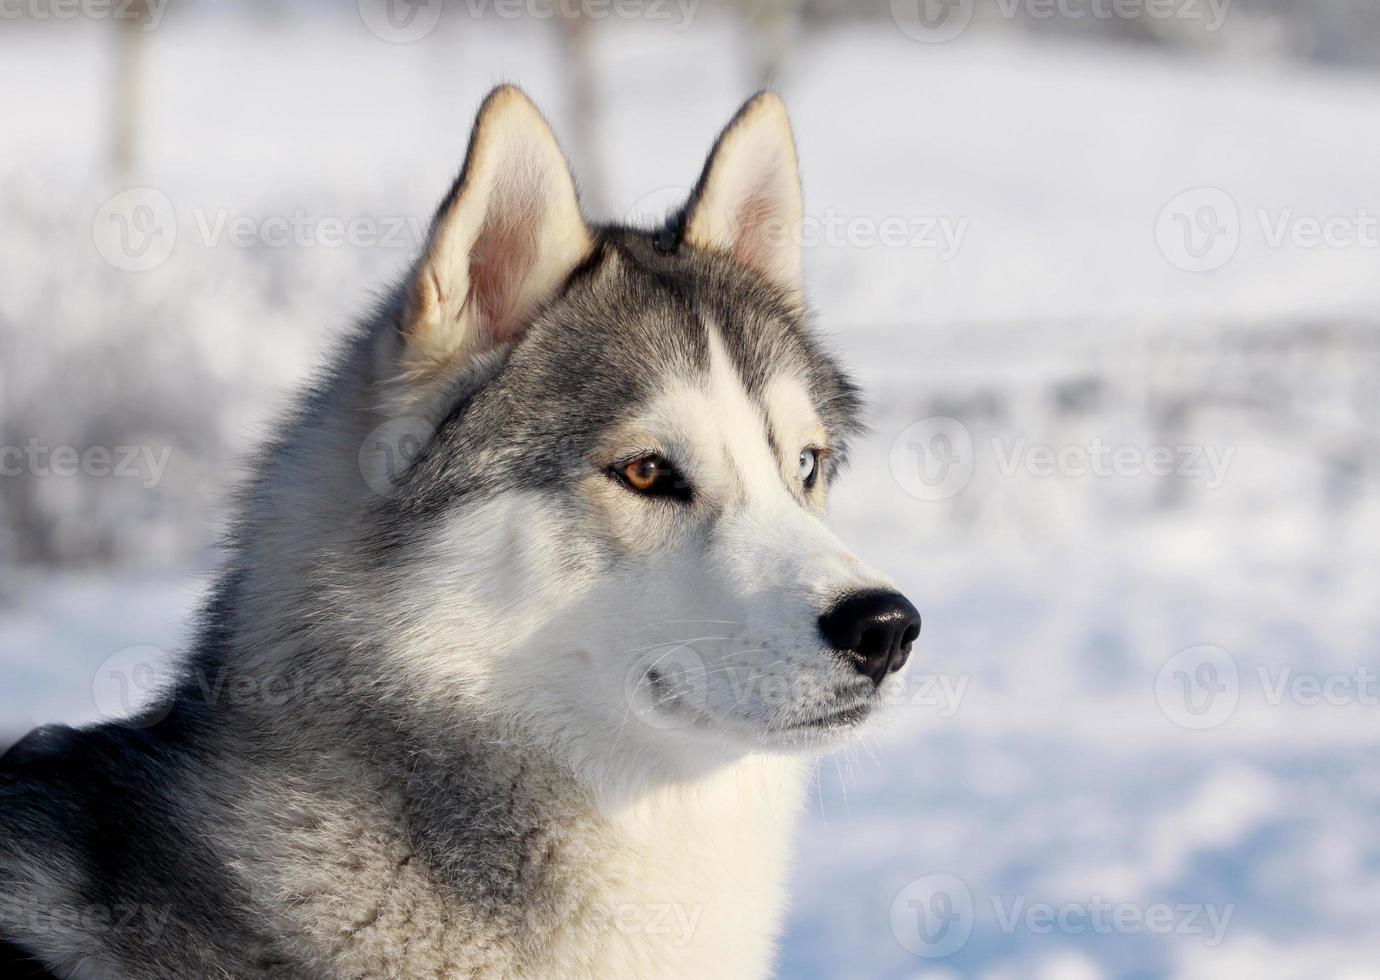 perro husky en un paisaje de invierno cubierto de nieve foto